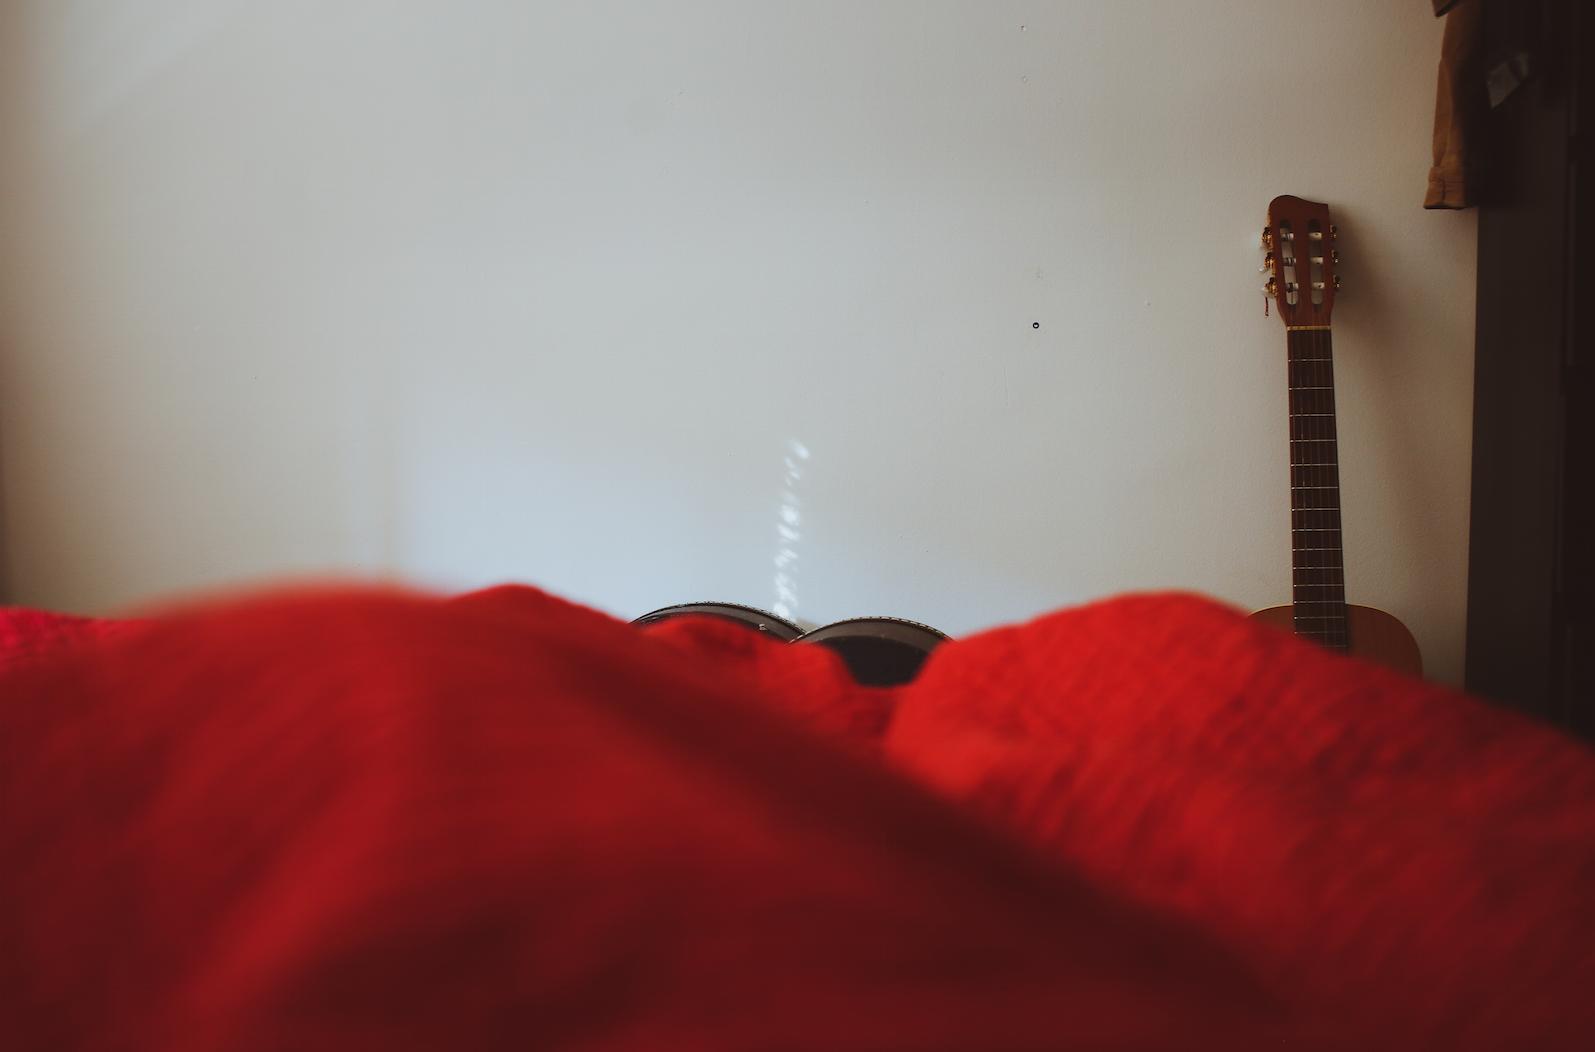 Screen Shot 2015-09-24 at 1.26.33 PM.png